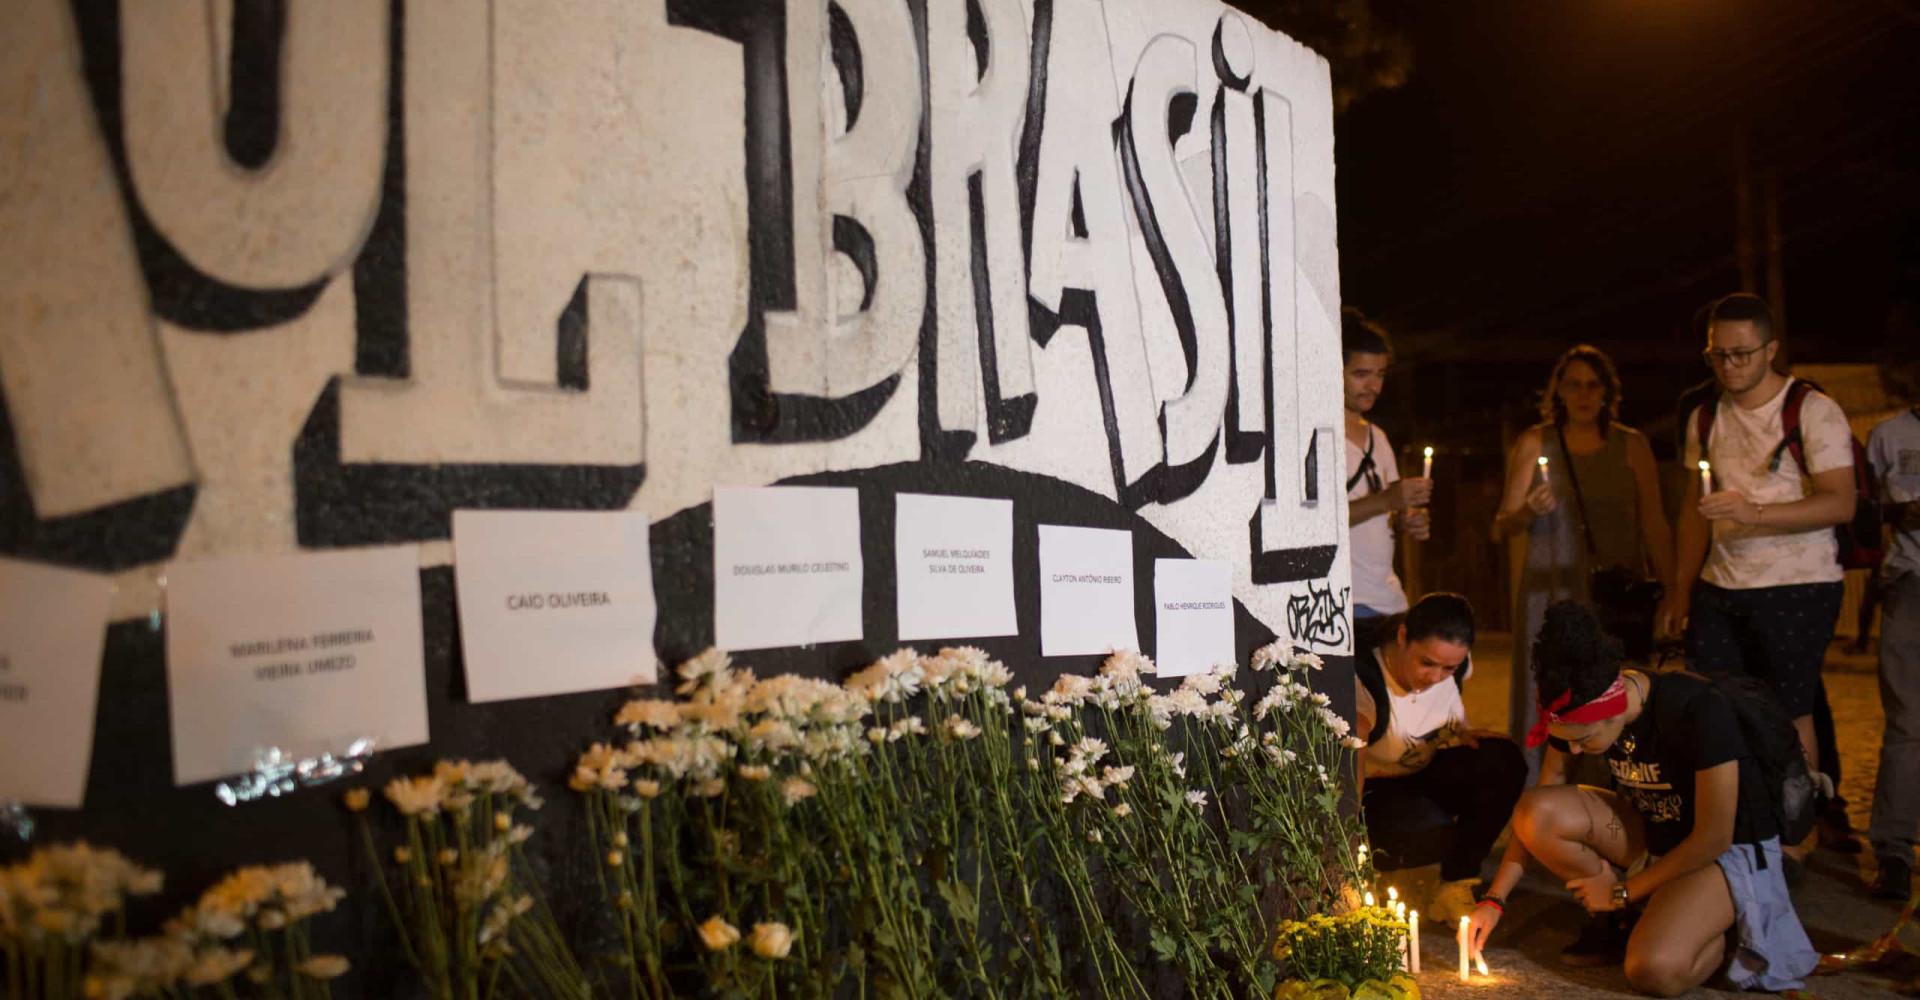 Las peores masacres de la historia cometidas en escuelas